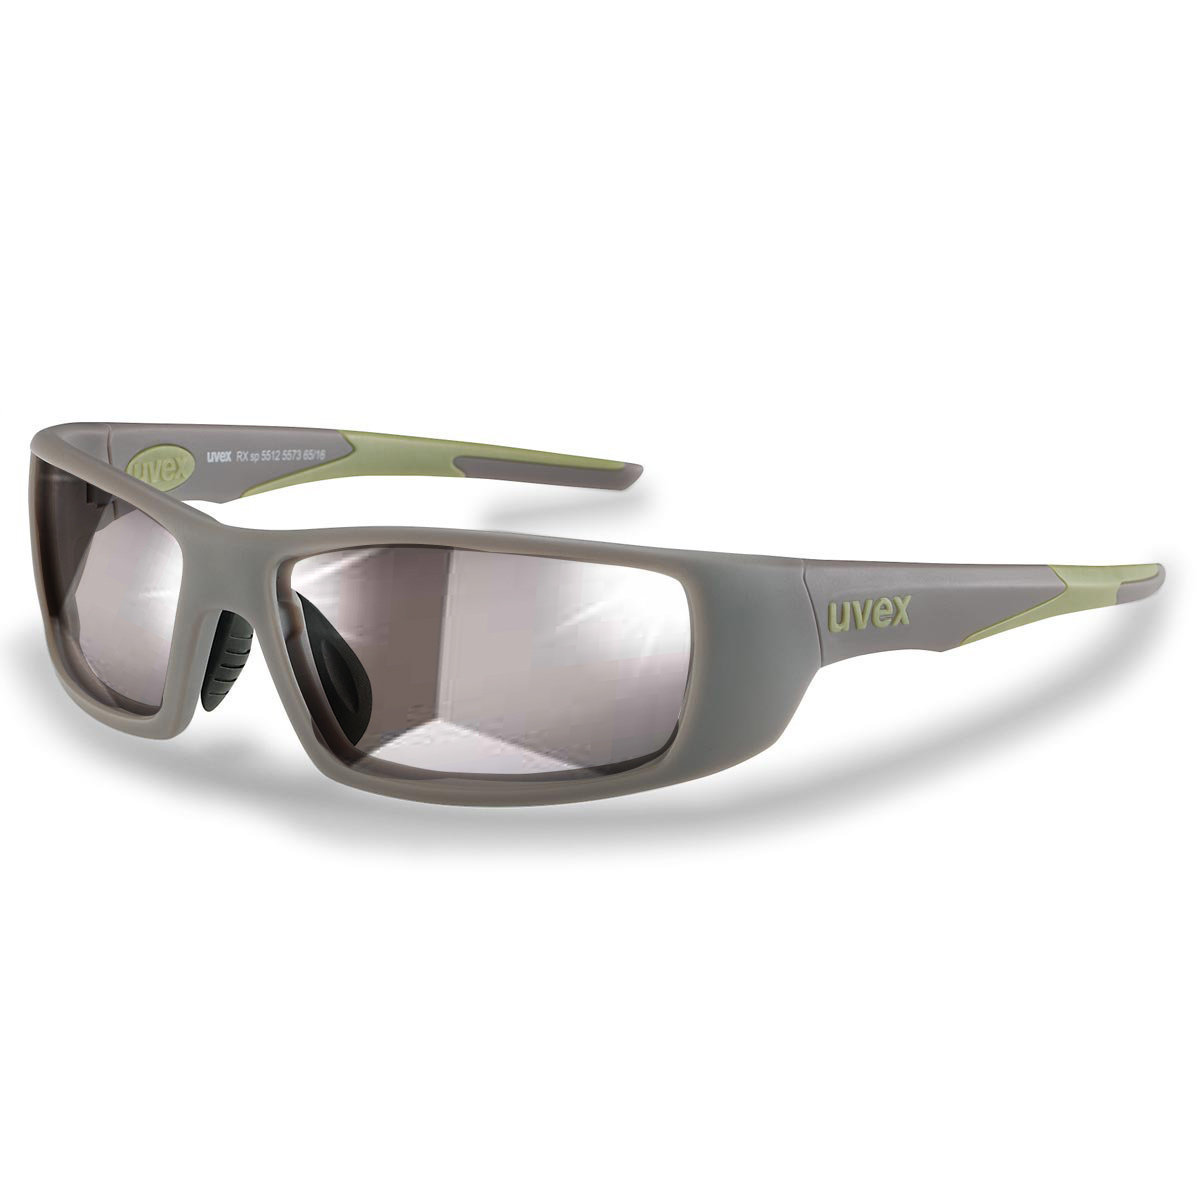 Uvex Korrektionsschutzbrille RX sp 5512 grün - Selbsttönend